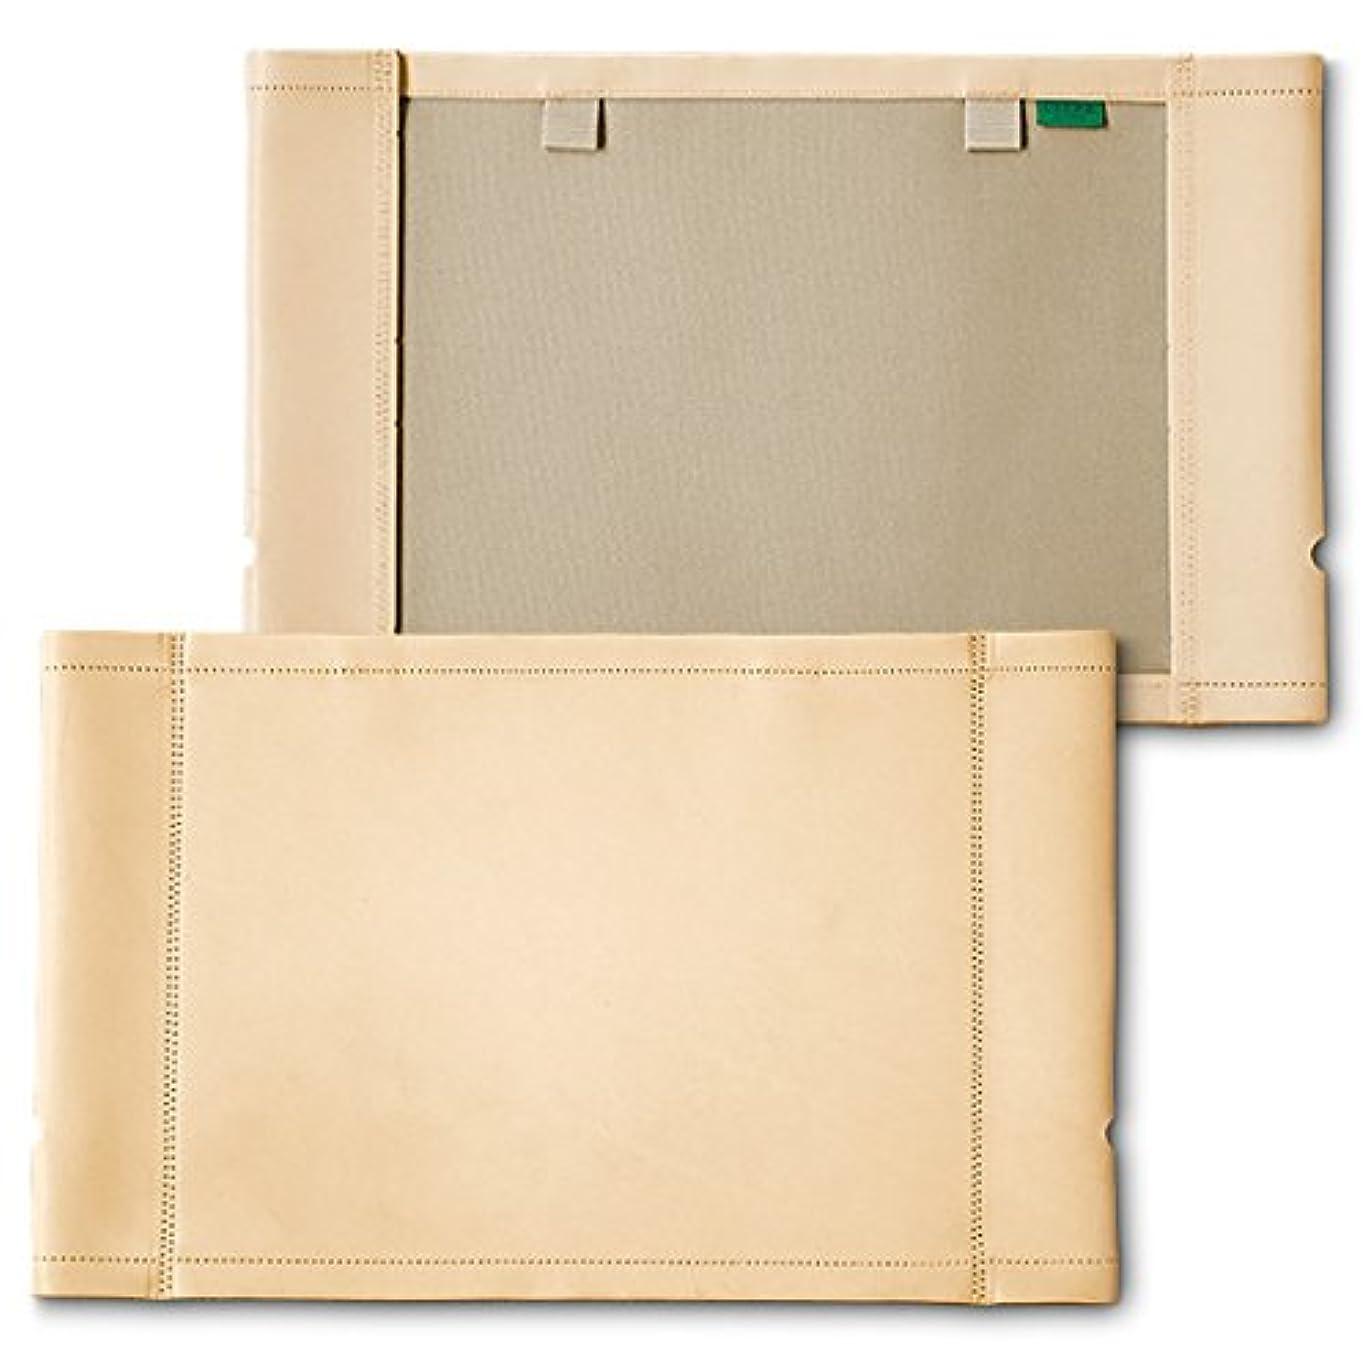 生物学アライアンス親カーミットチェア用 交換レザーシート[ 2枚組 / plywood別注カラー ヌメ ] C&C.P.H. EQUIPEMENT